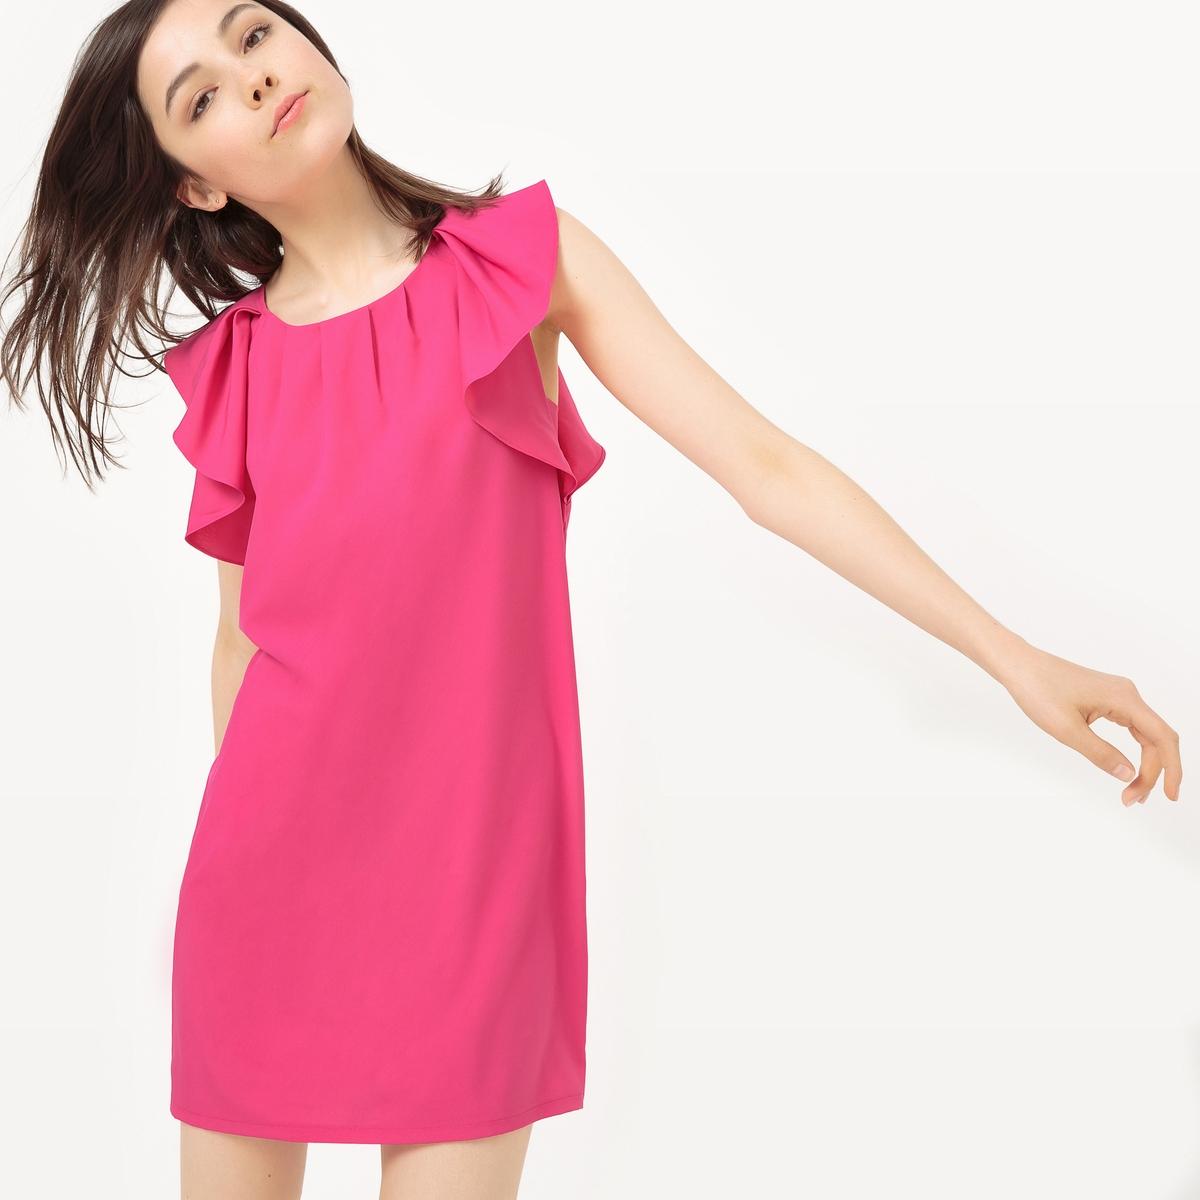 Платье прямое без рукавов, с воланамиМатериал : 5% эластана, 95% полиэстера Длина рукава : без рукавов  Форма воротника : Круглый вырез Покрой платья : платье прямого покроя  Рисунок : Однотонная модель   Длина платья : короткое.<br><br>Цвет: розовый<br>Размер: L